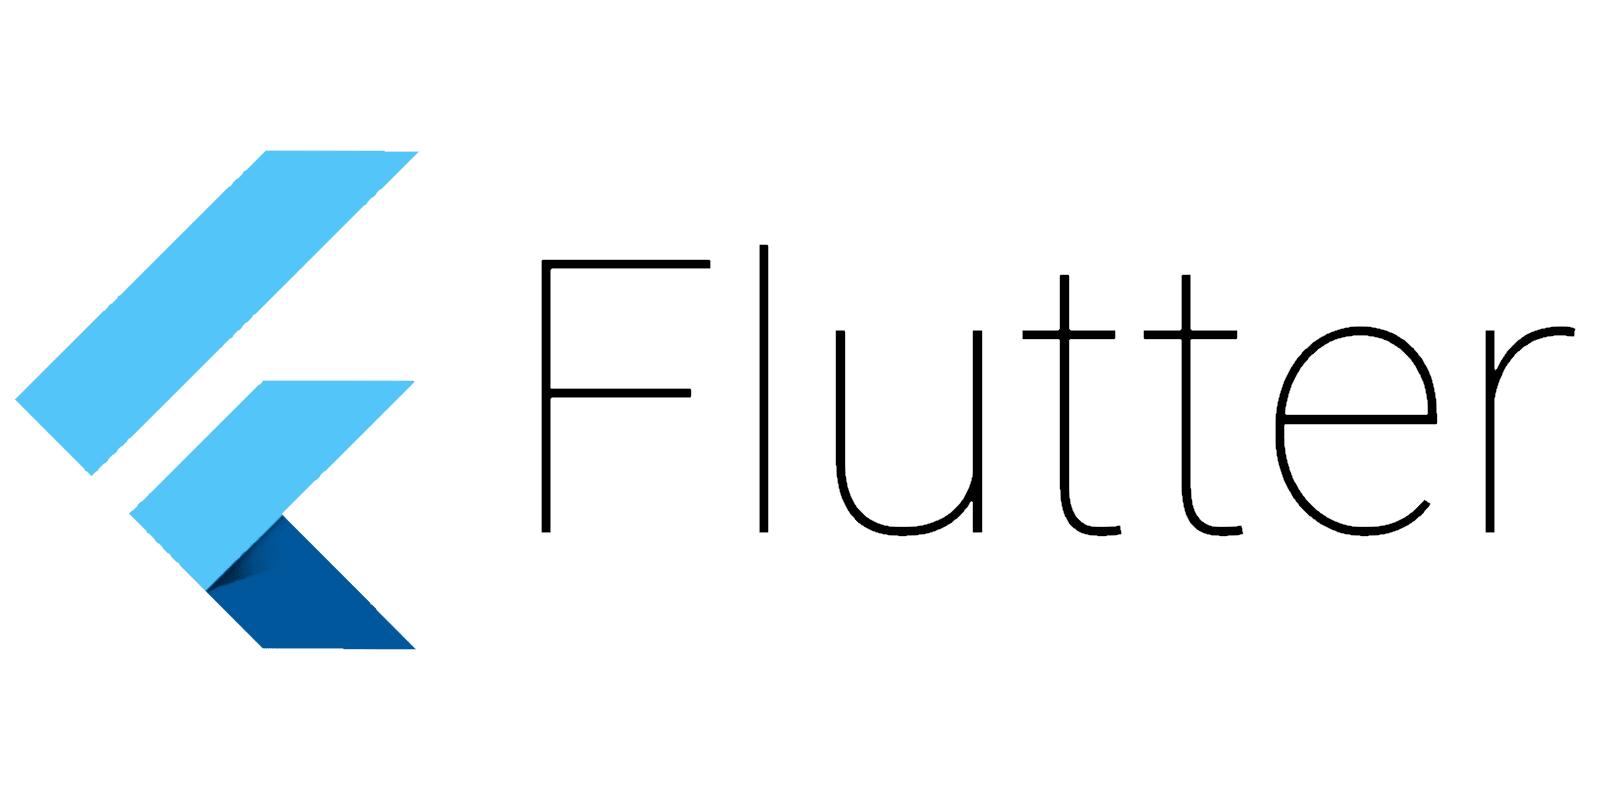 flutter 的序列化和反序列化